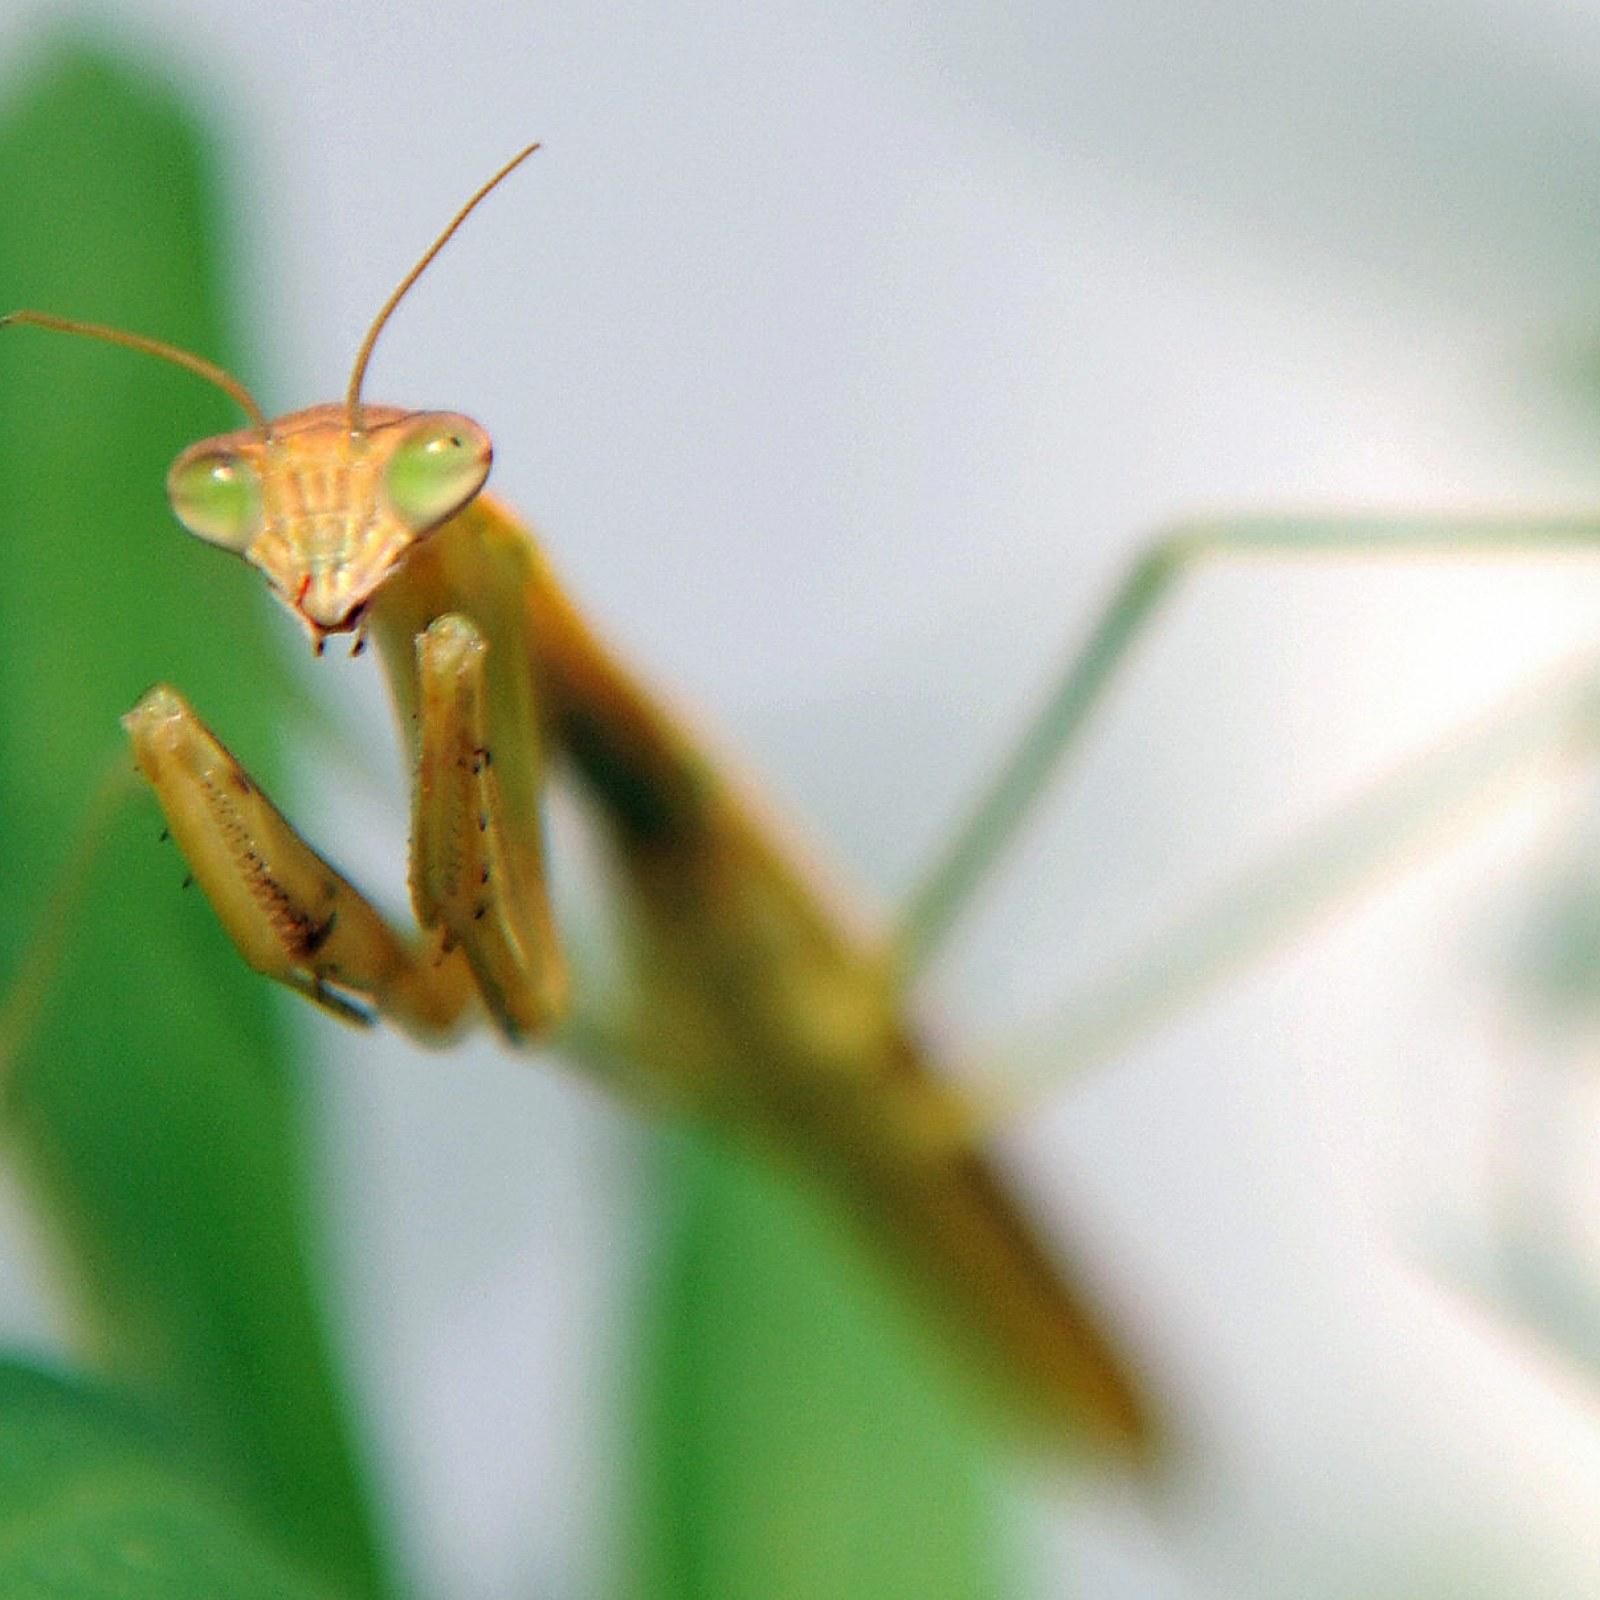 praying mantis baby hatching